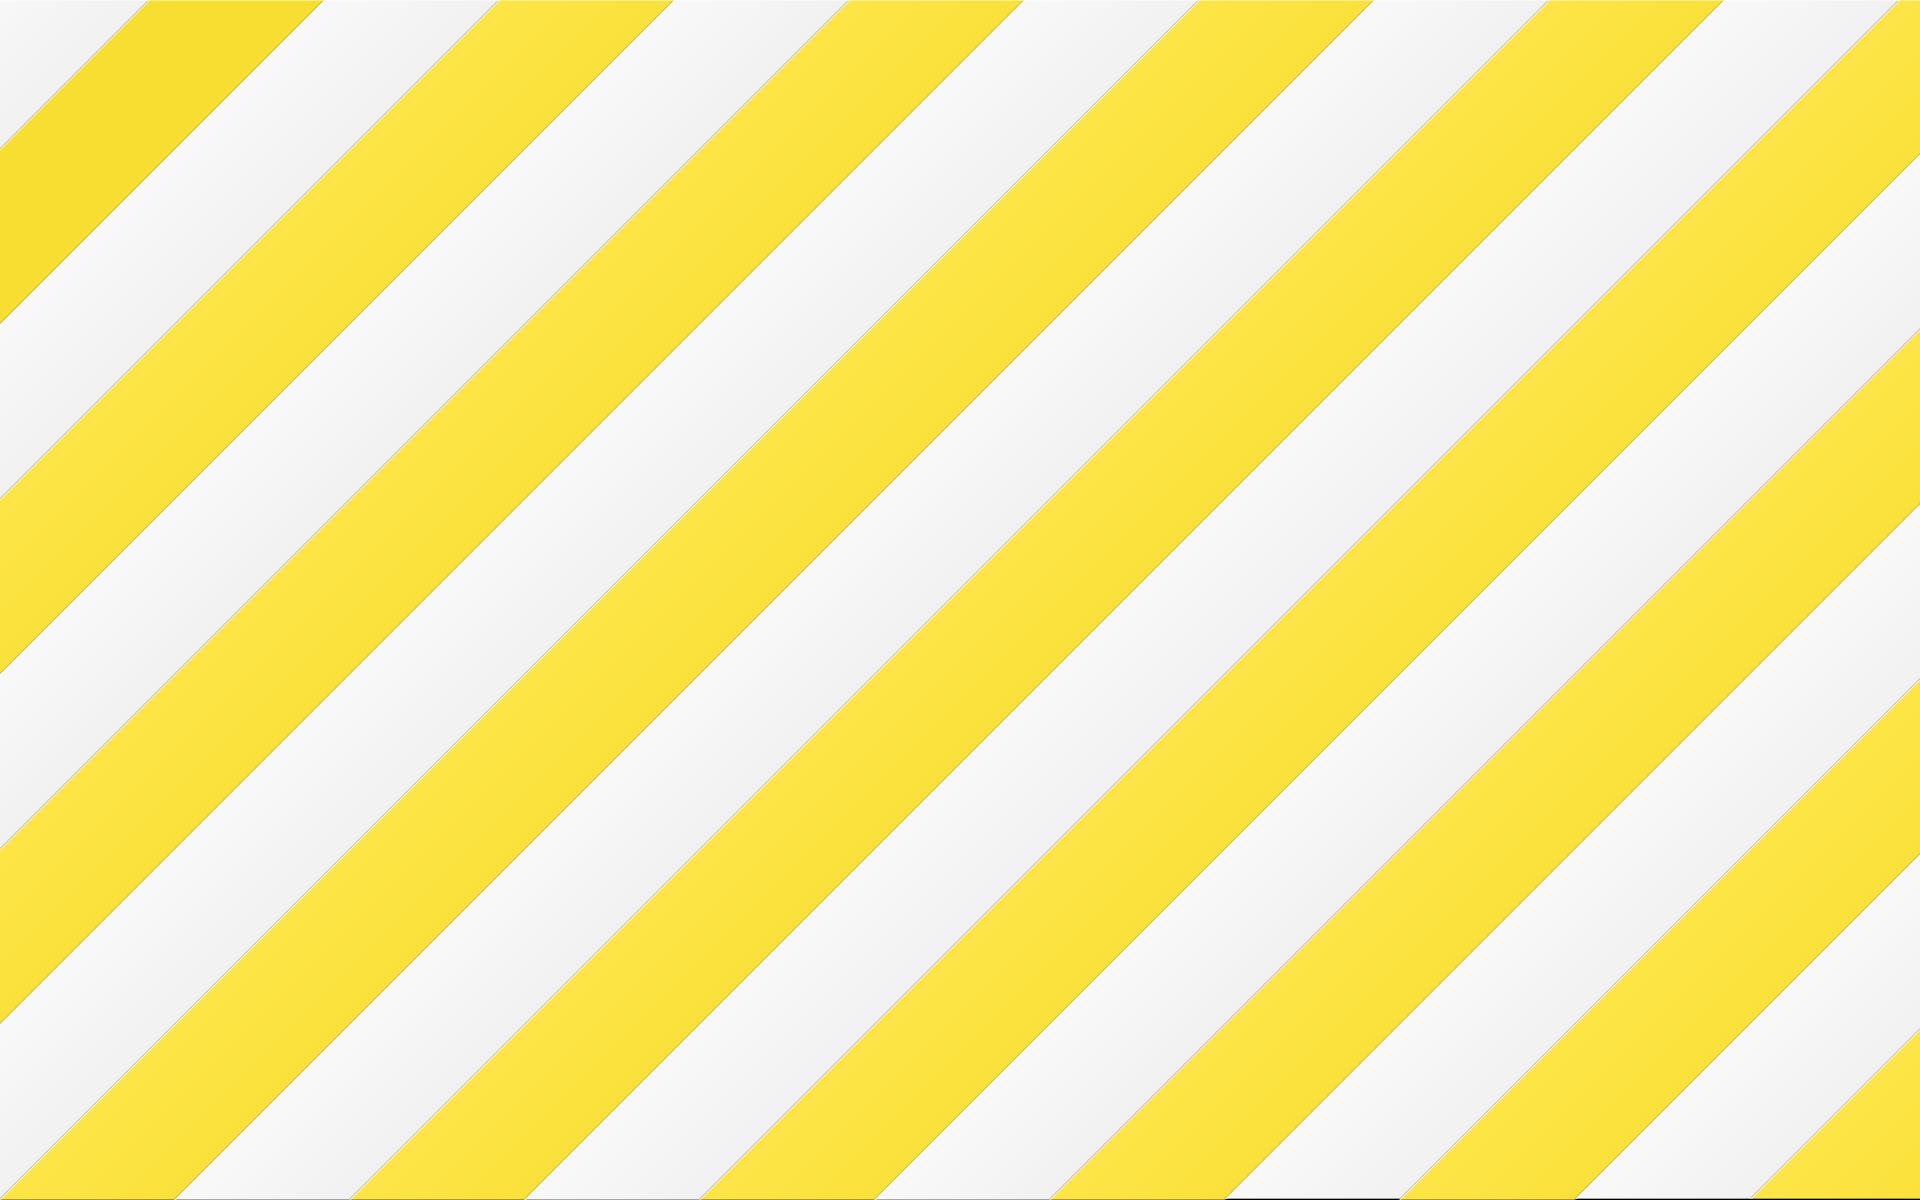 Обои, желтый, фон, абстрактные, рабочий стол - 106362